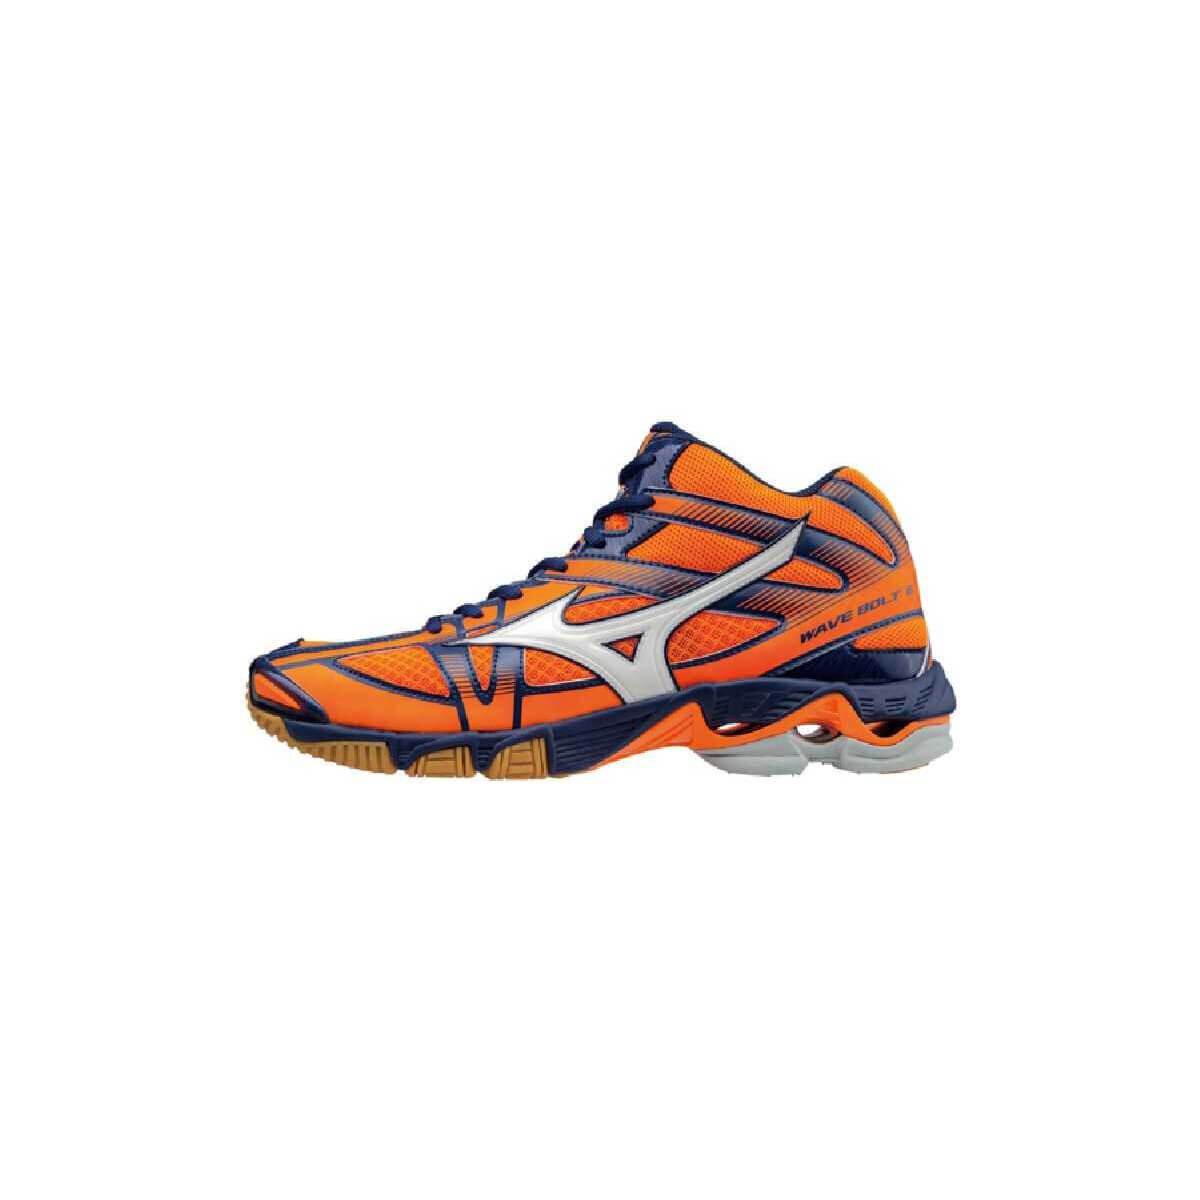 TURUNCU Erkek Koşu Ayakkabısı V1GA17650247Z